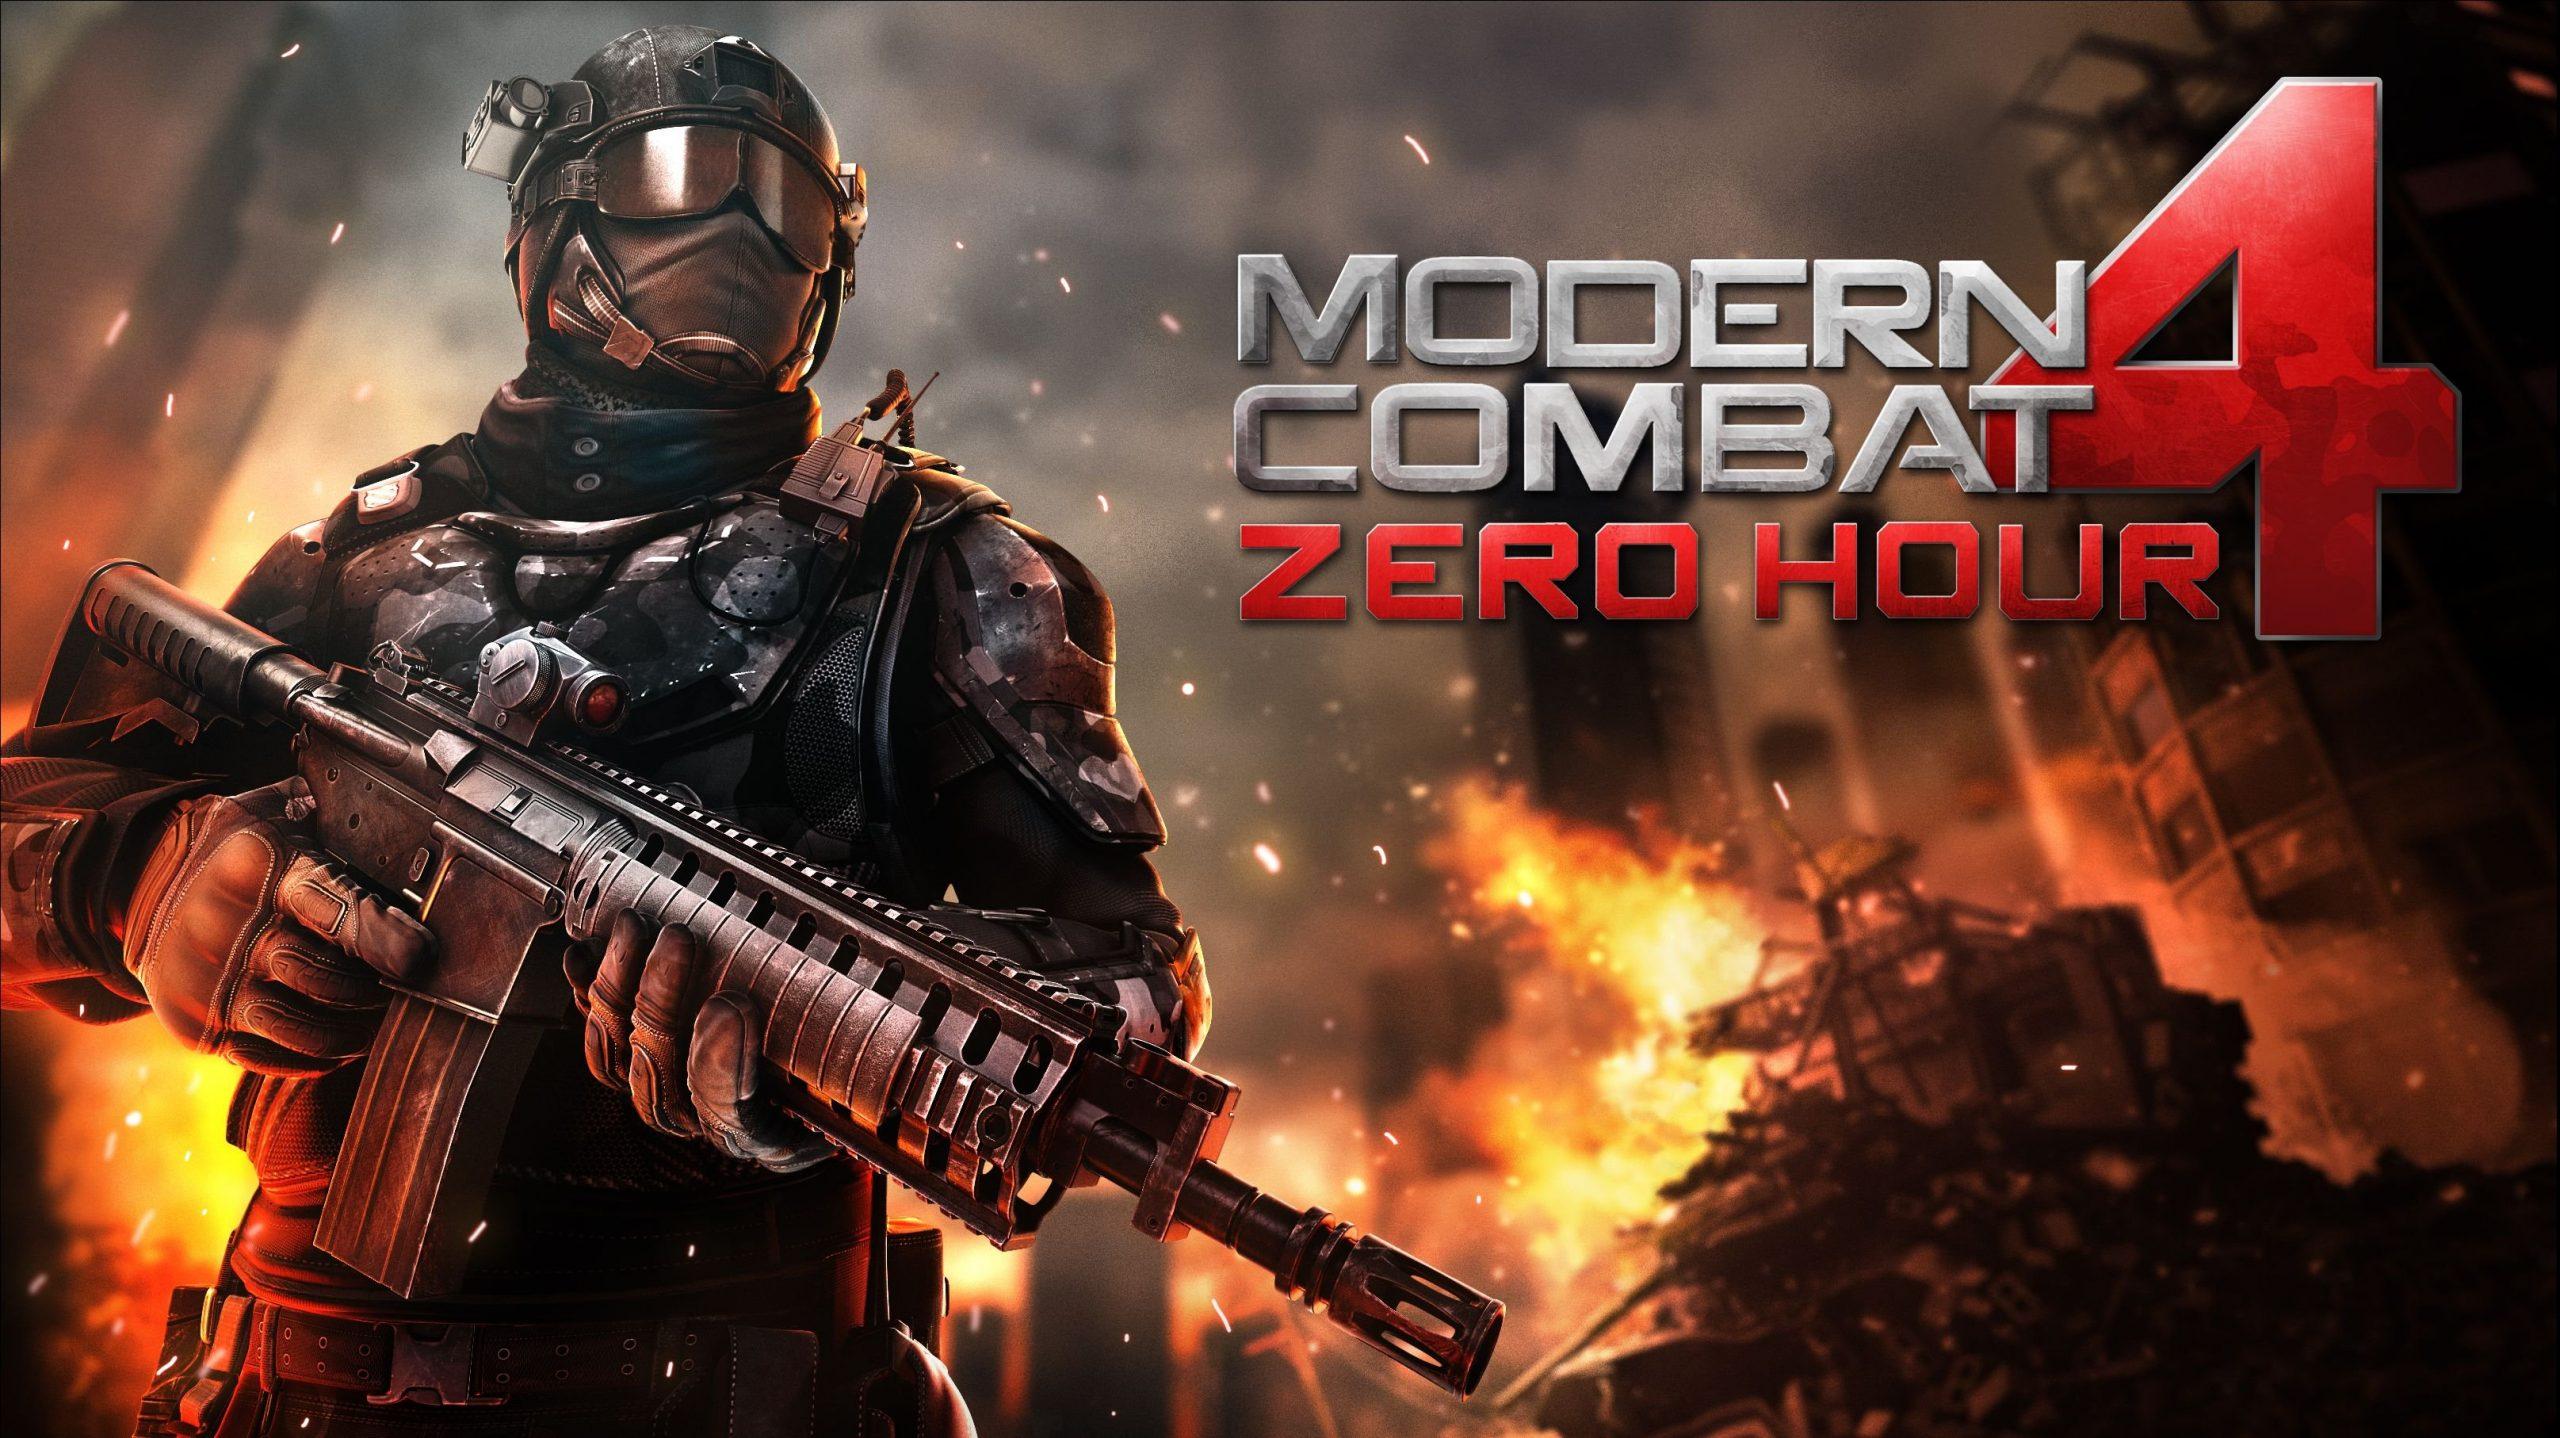 ألعاب حرب أوفلاين - Modern Combat 4 Zero Hour